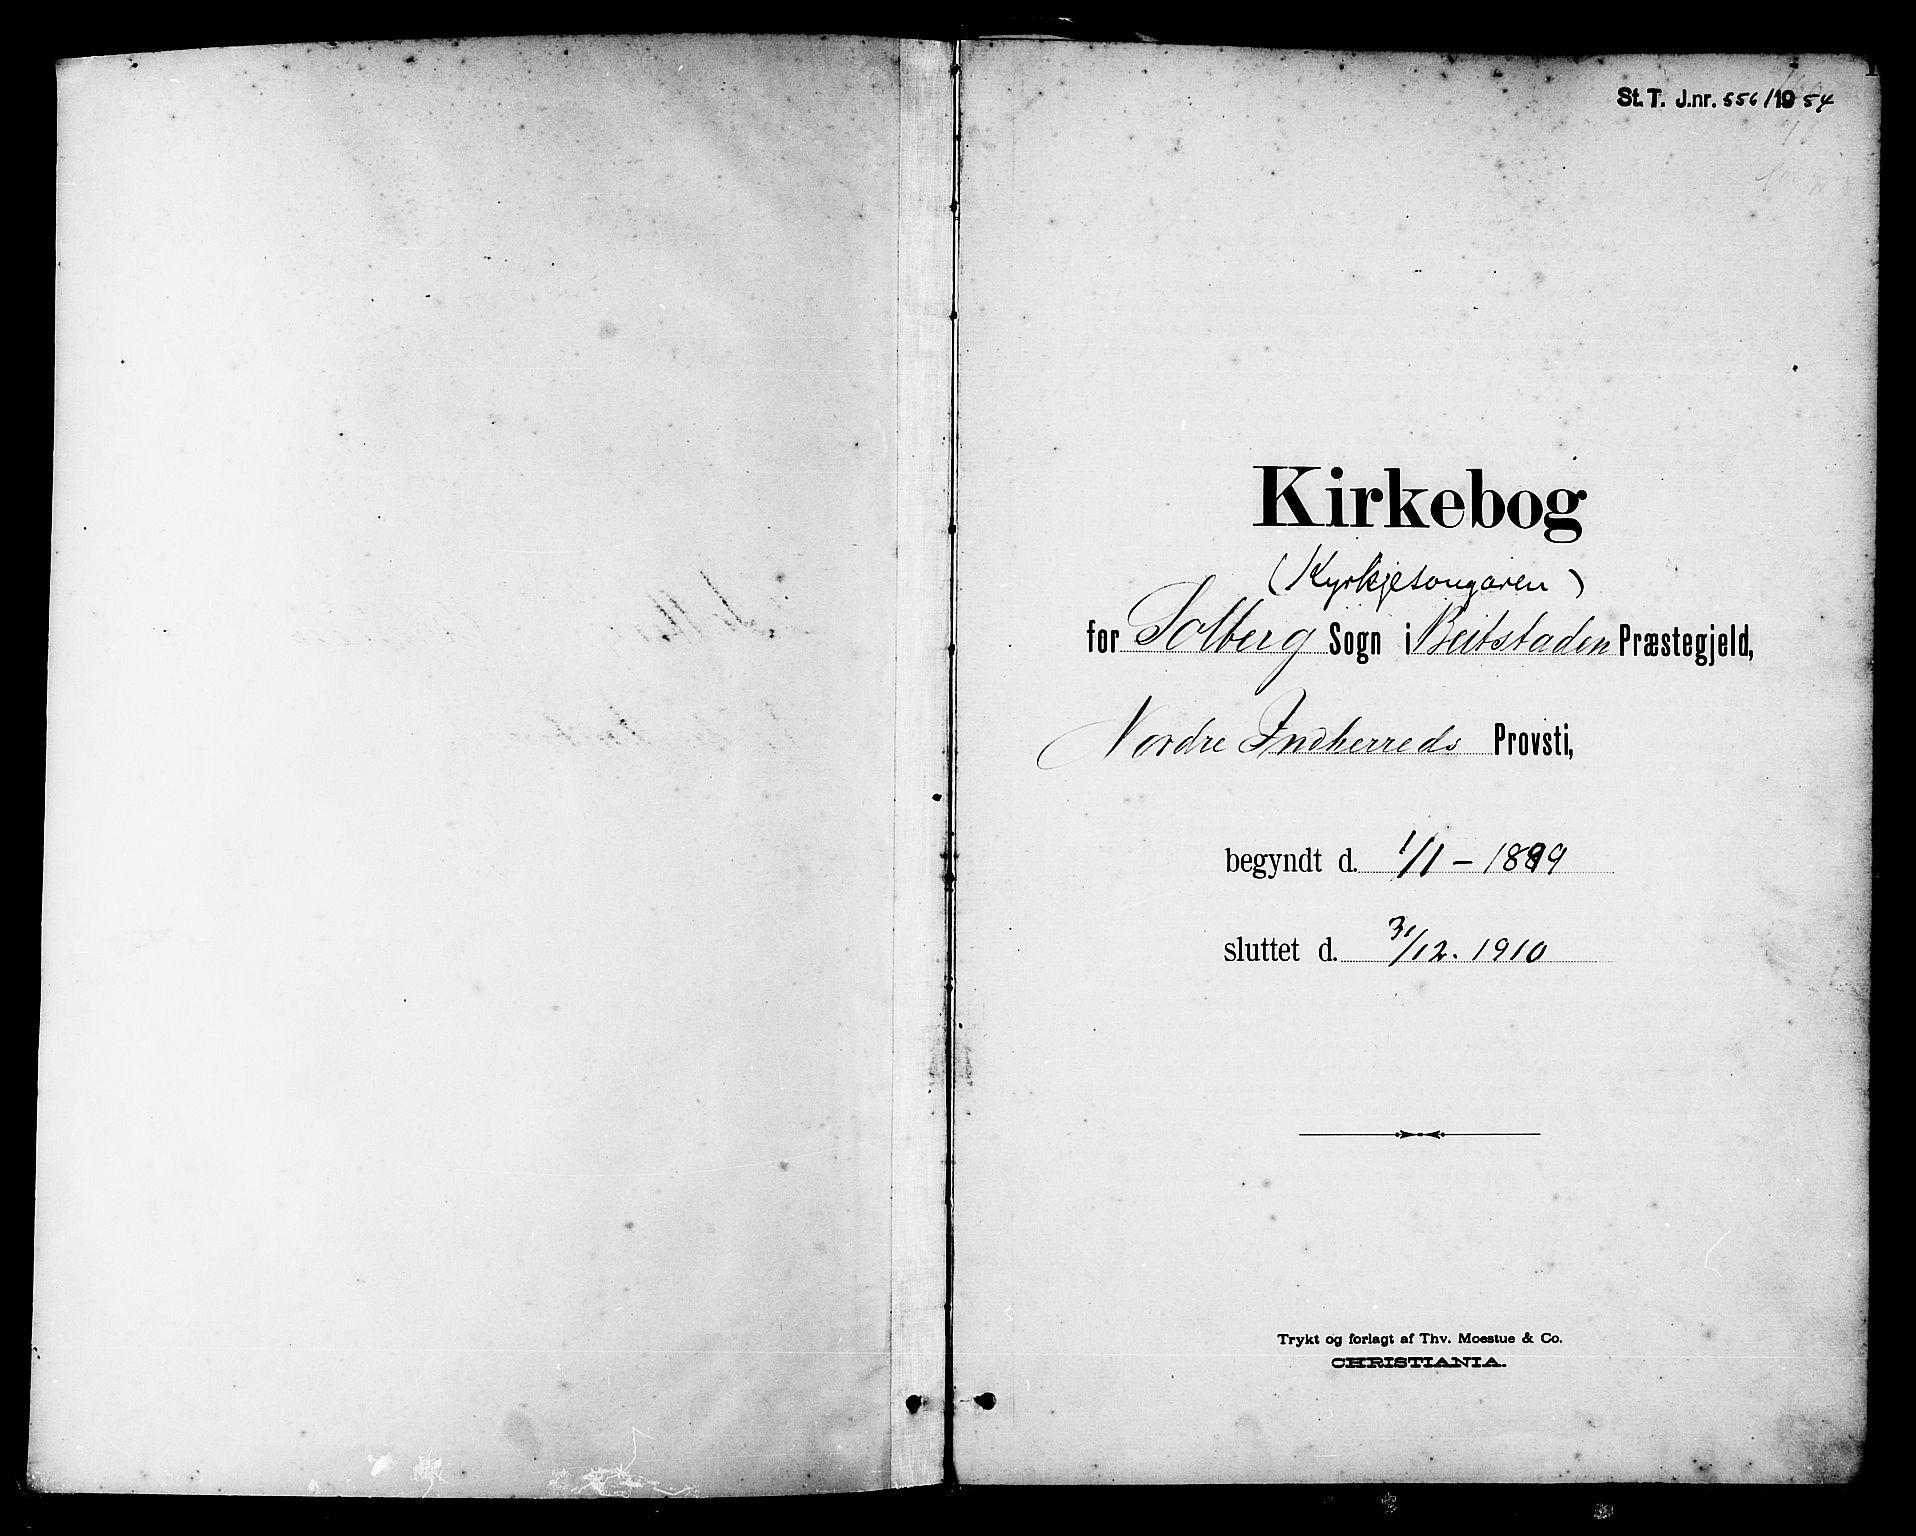 SAT, Ministerialprotokoller, klokkerbøker og fødselsregistre - Nord-Trøndelag, 741/L0401: Klokkerbok nr. 741C02, 1899-1911, s. 1